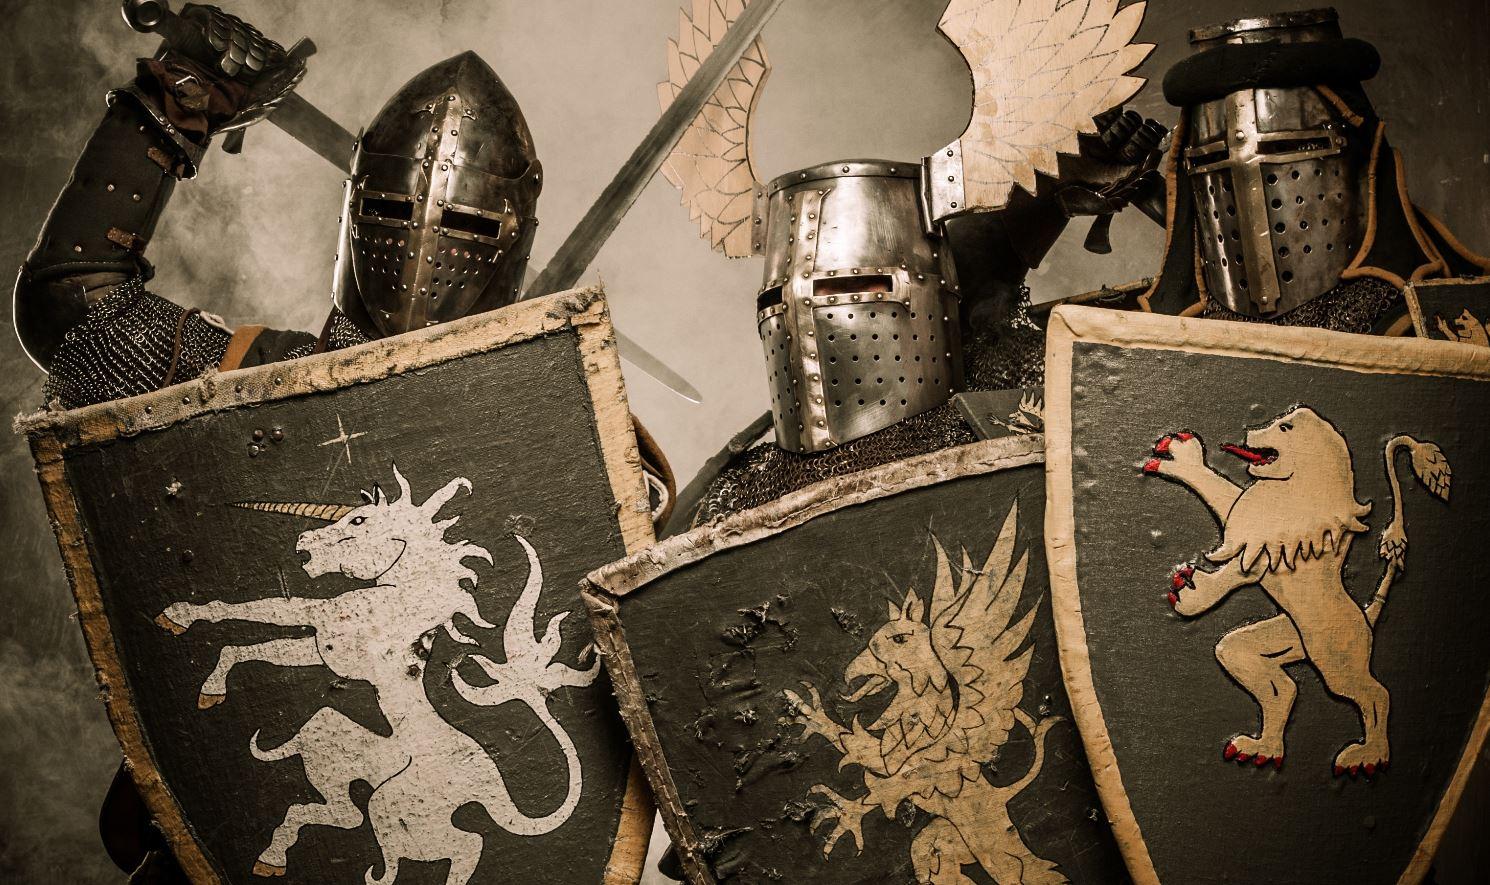 Seit - gefühlt - Hunderten von Jahren prügeln Gesamtschulgegner und -freunde in Deutschland aufeinander ein. Das Foto zeigt Ritterspiele anlässlich eines Jahrestages der Schlacht von Hastings 2008. Foto: faux_teak / flickr (CC BY-NC-SA 2.0)